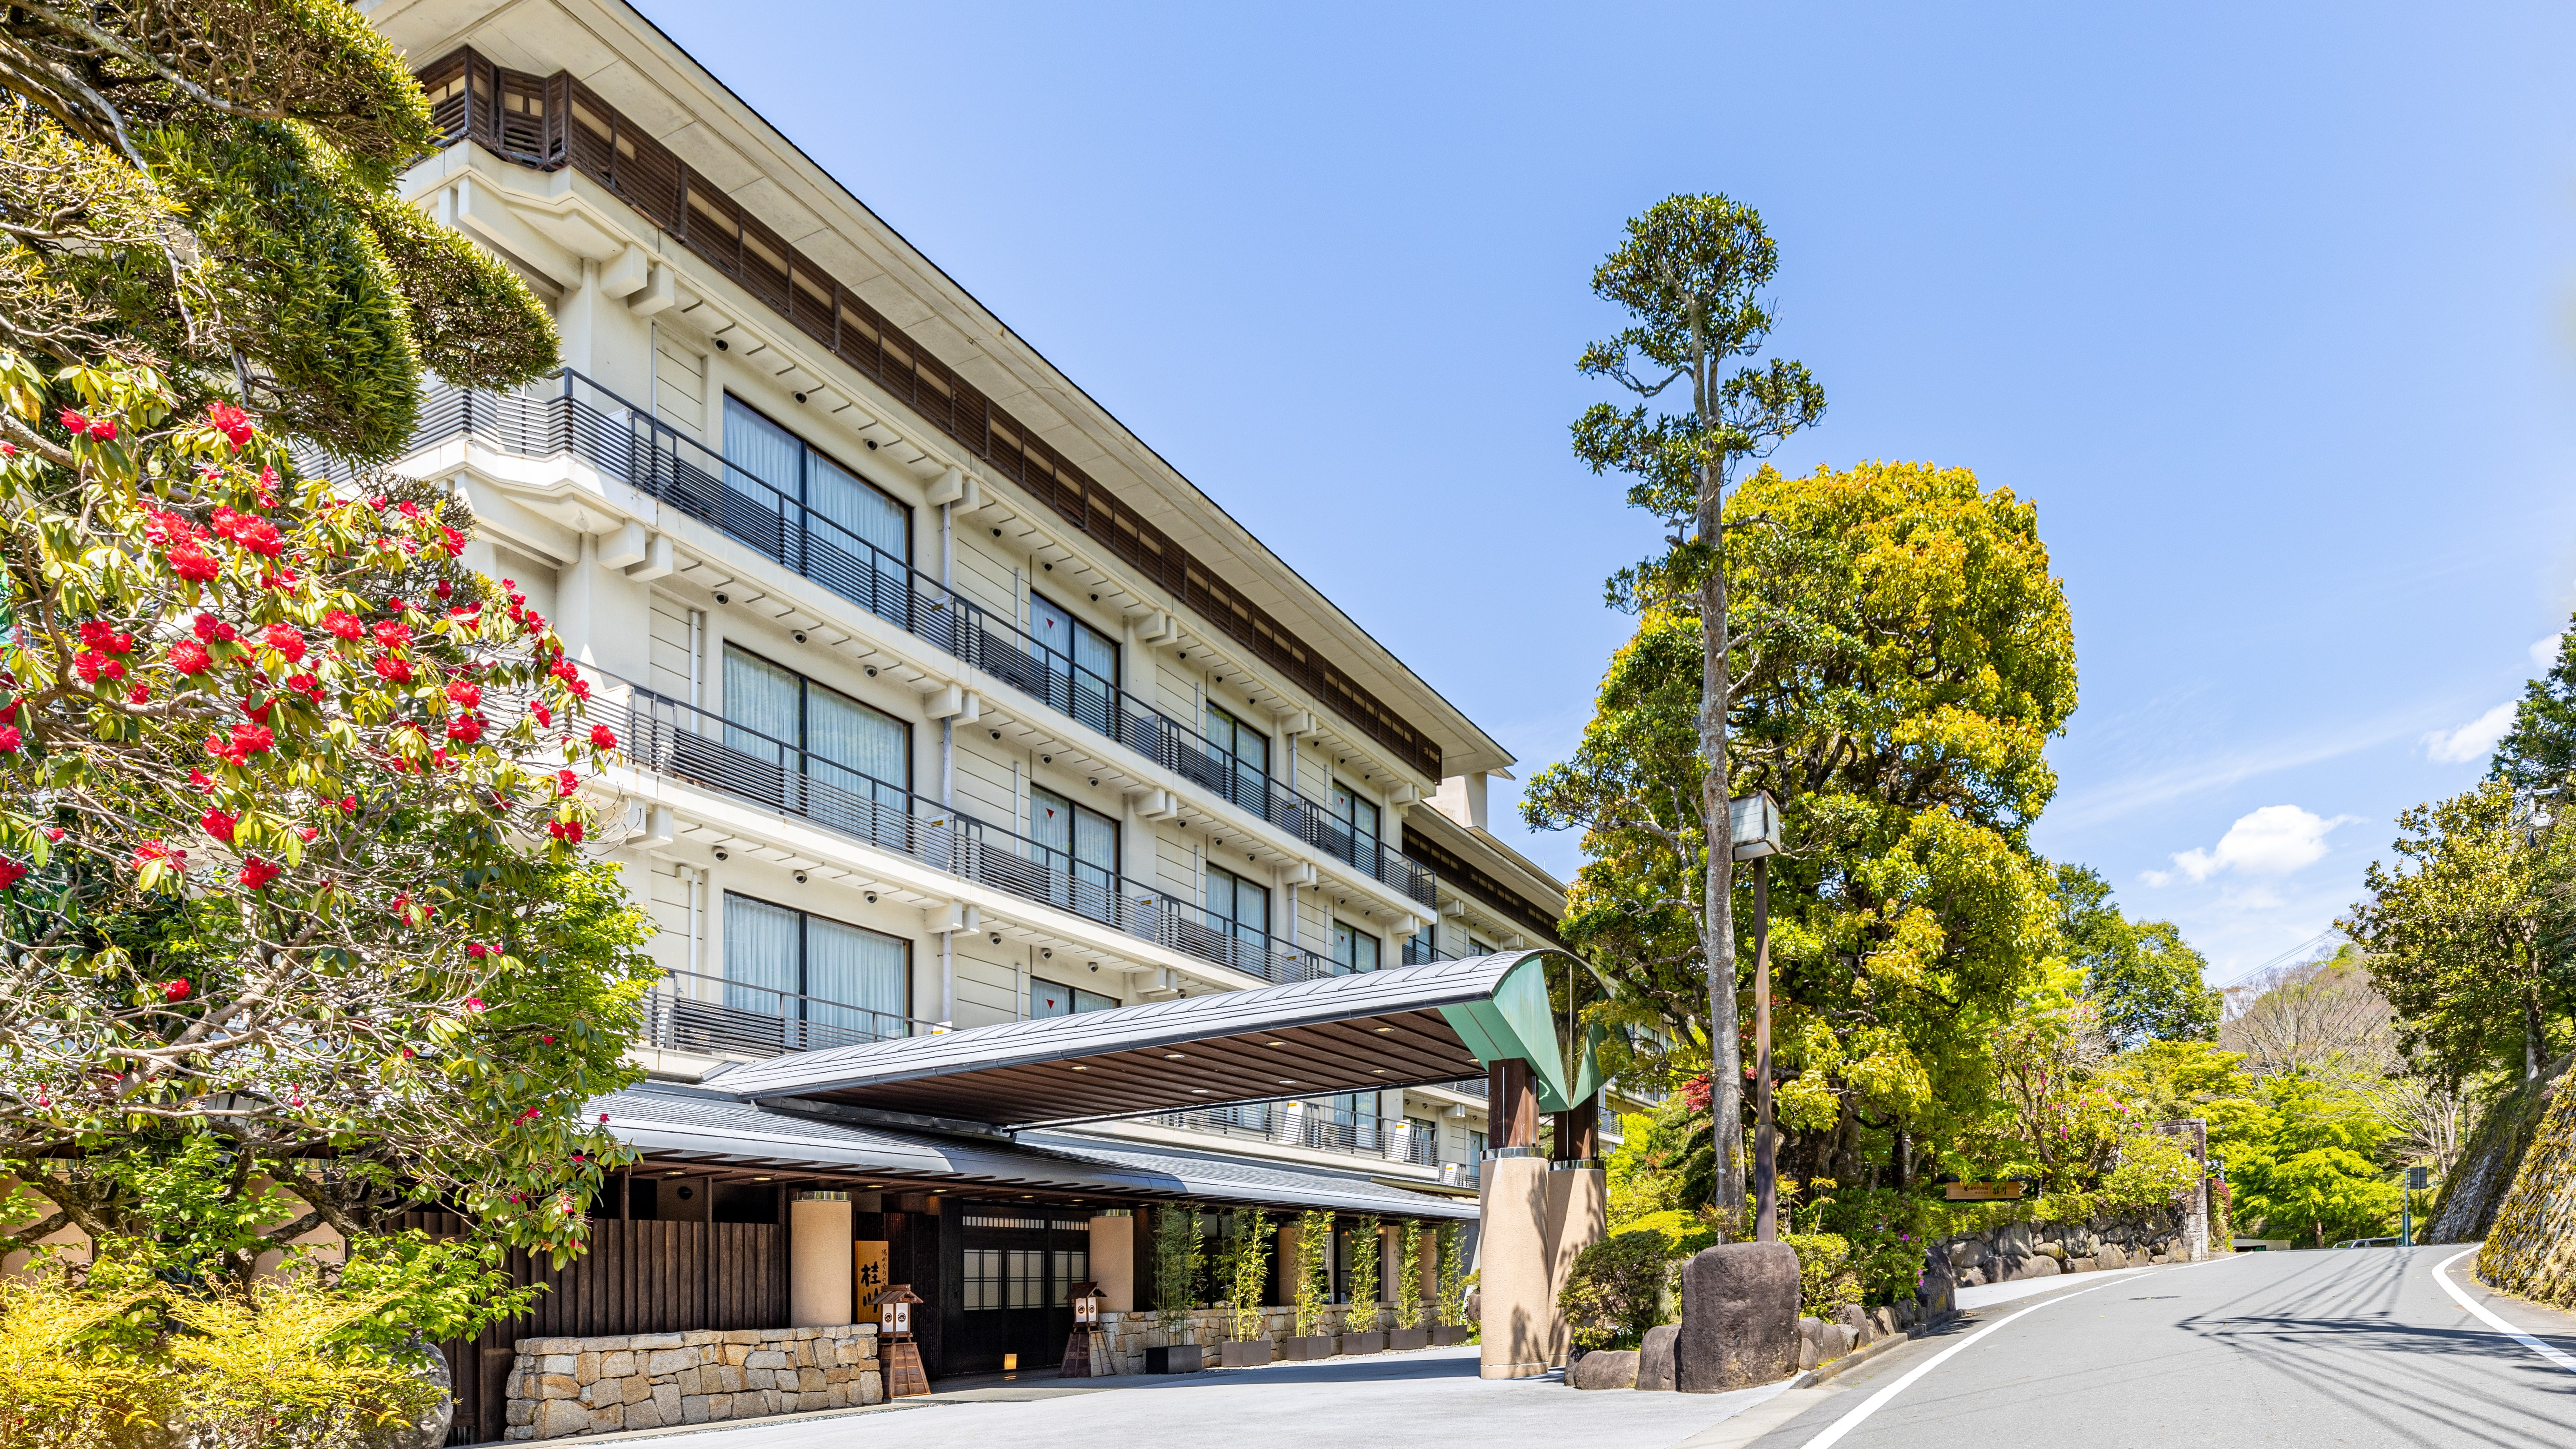 春の修善寺温泉を男一人旅。平日、食事付きで15,000円以内で泊まれる宿